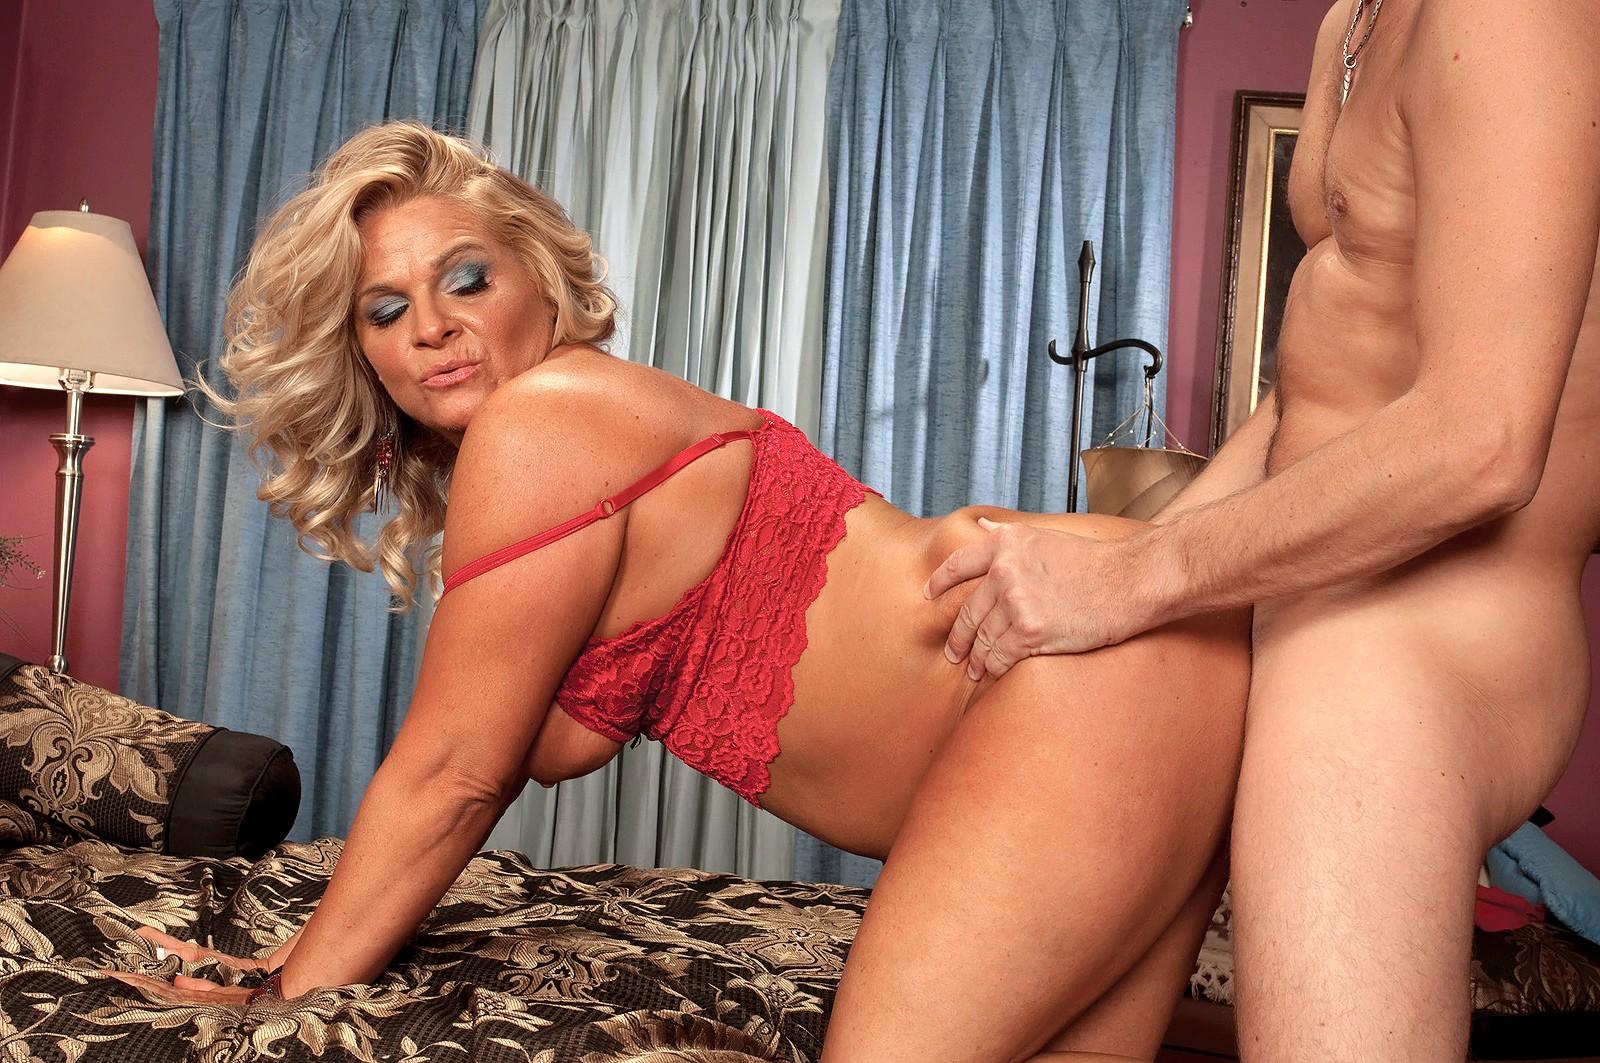 ласк девушки отличное порно с зрелой сучкой недавно